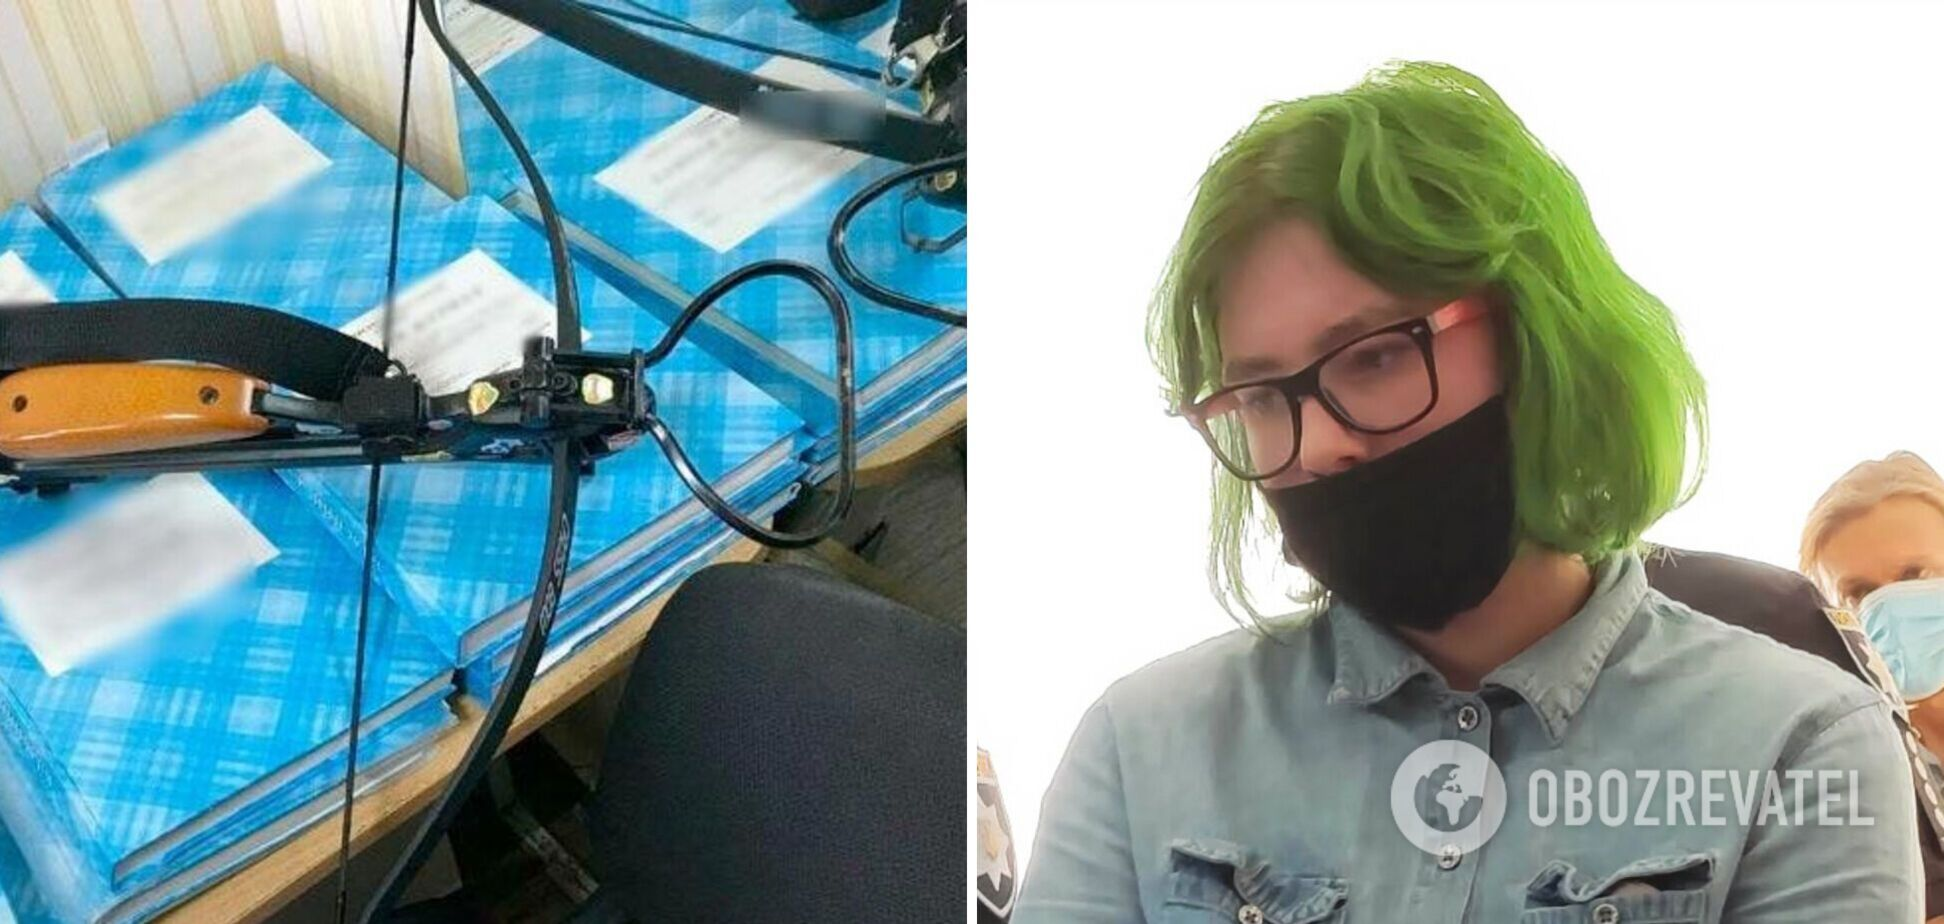 Дівчину, яка влаштувала стрілянину в Полтаві, відправили з СІЗО до психлікарні: з'явилися подробиці